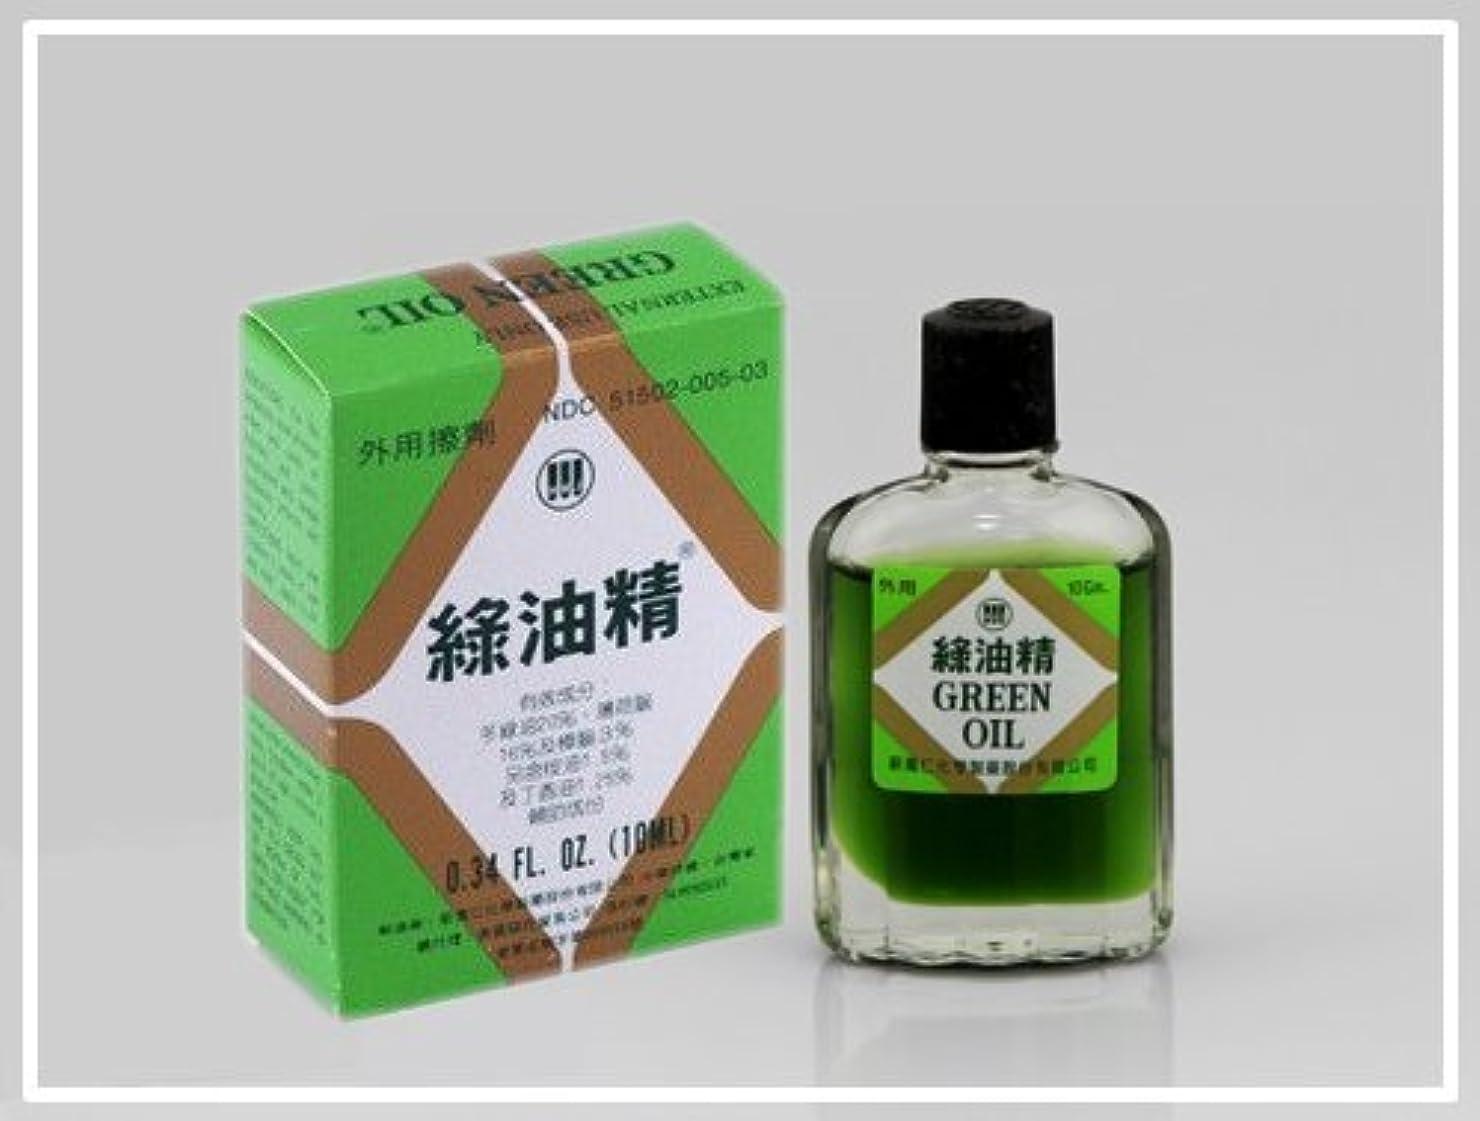 幻滅慣らす見通し台湾純正版 新萬仁緑油精 グリーンオイル 緑油精 10ml [並行輸入品]